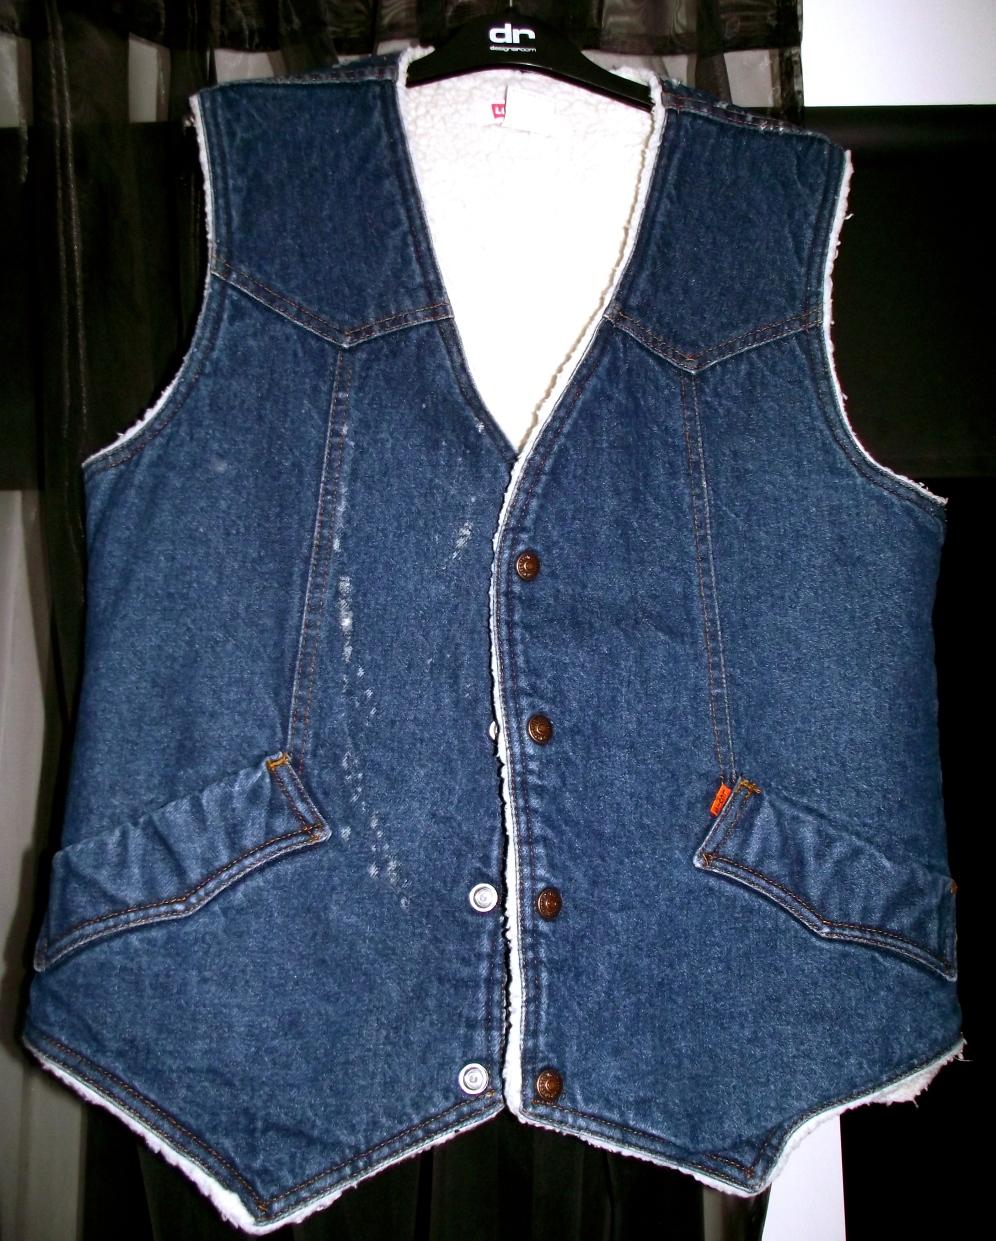 Denim waistcoat: £3